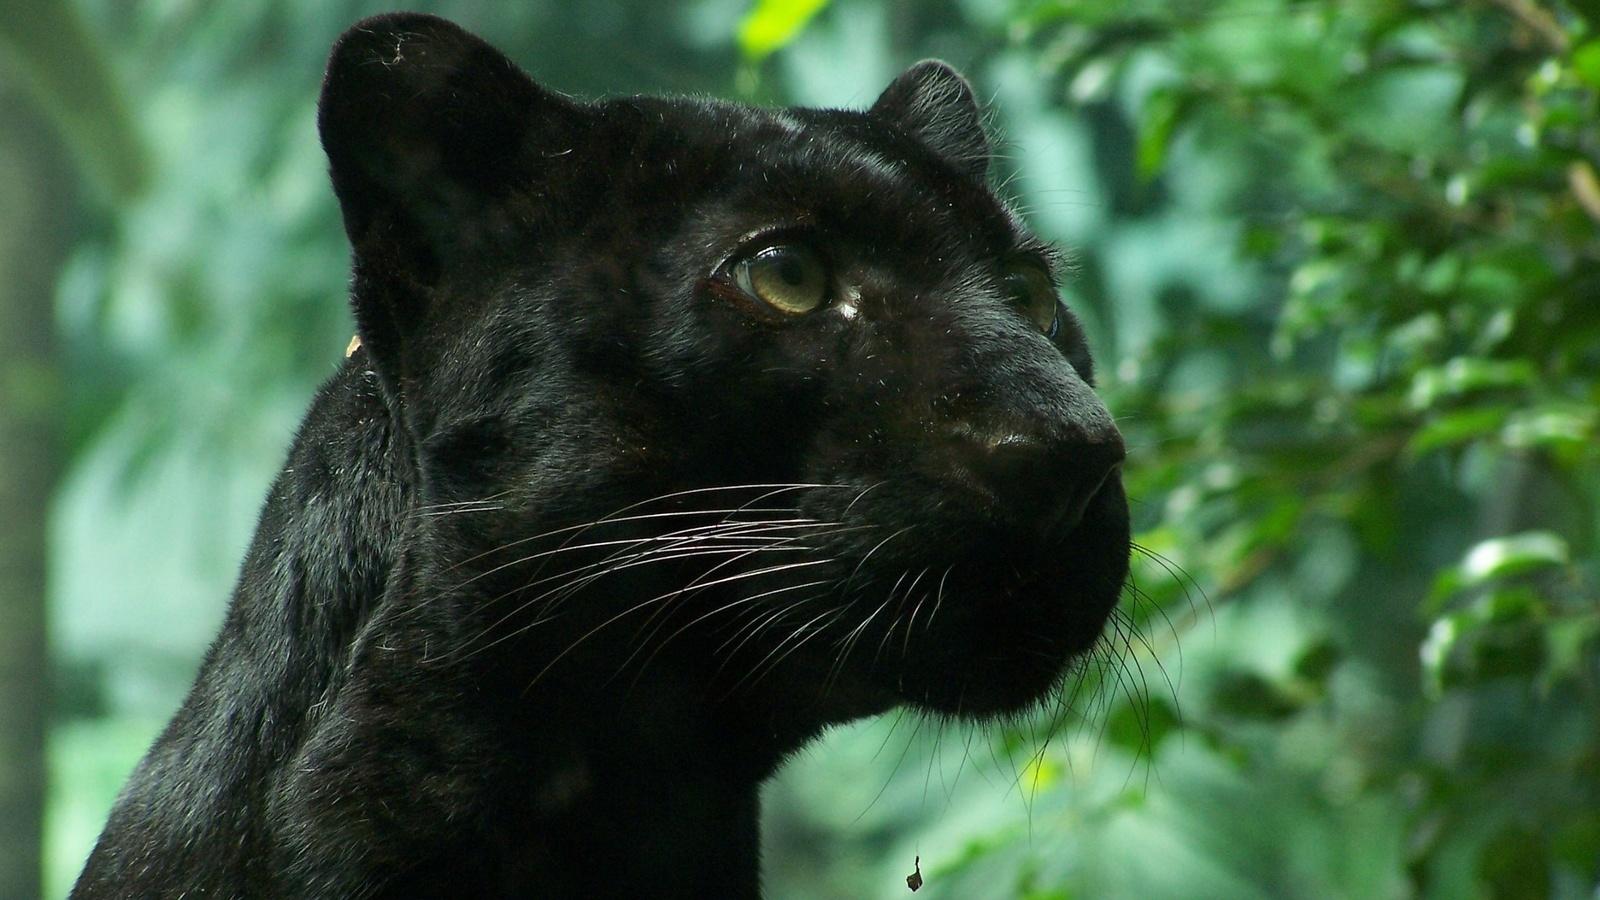 Картинки пантеры черной, фонтаны анимация картинки